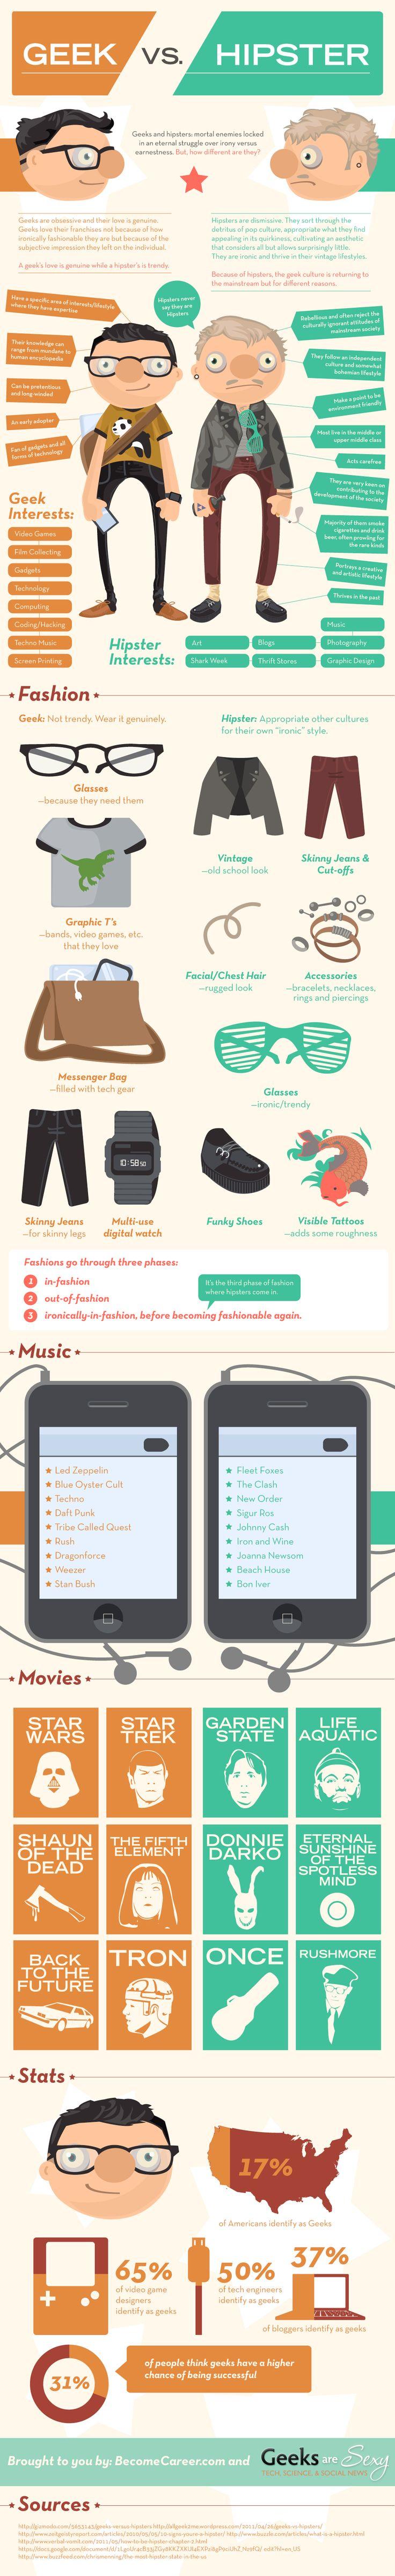 Geek vs. Hipster